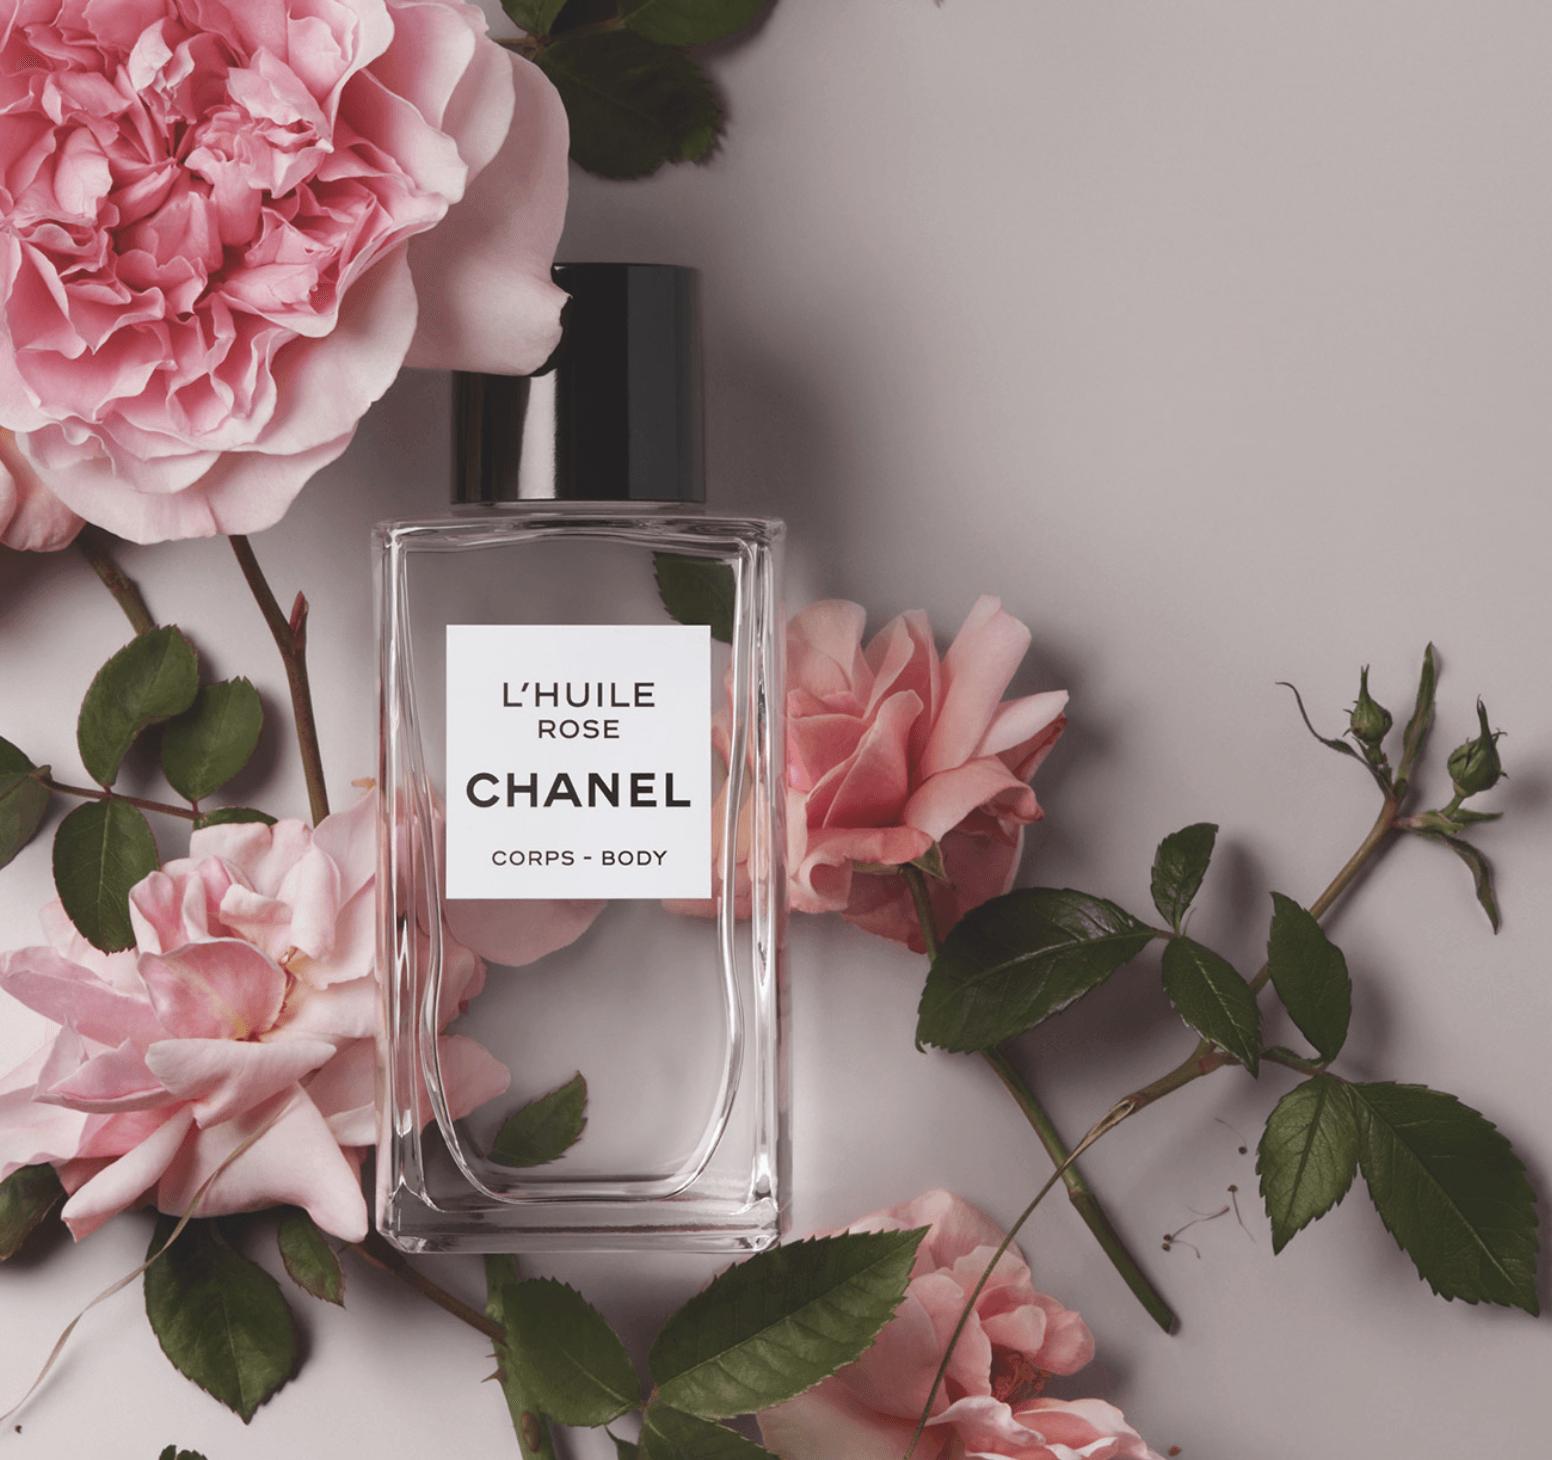 CHANEL Huile de rose Esprit de Gabrielle espritdegabrielle.com